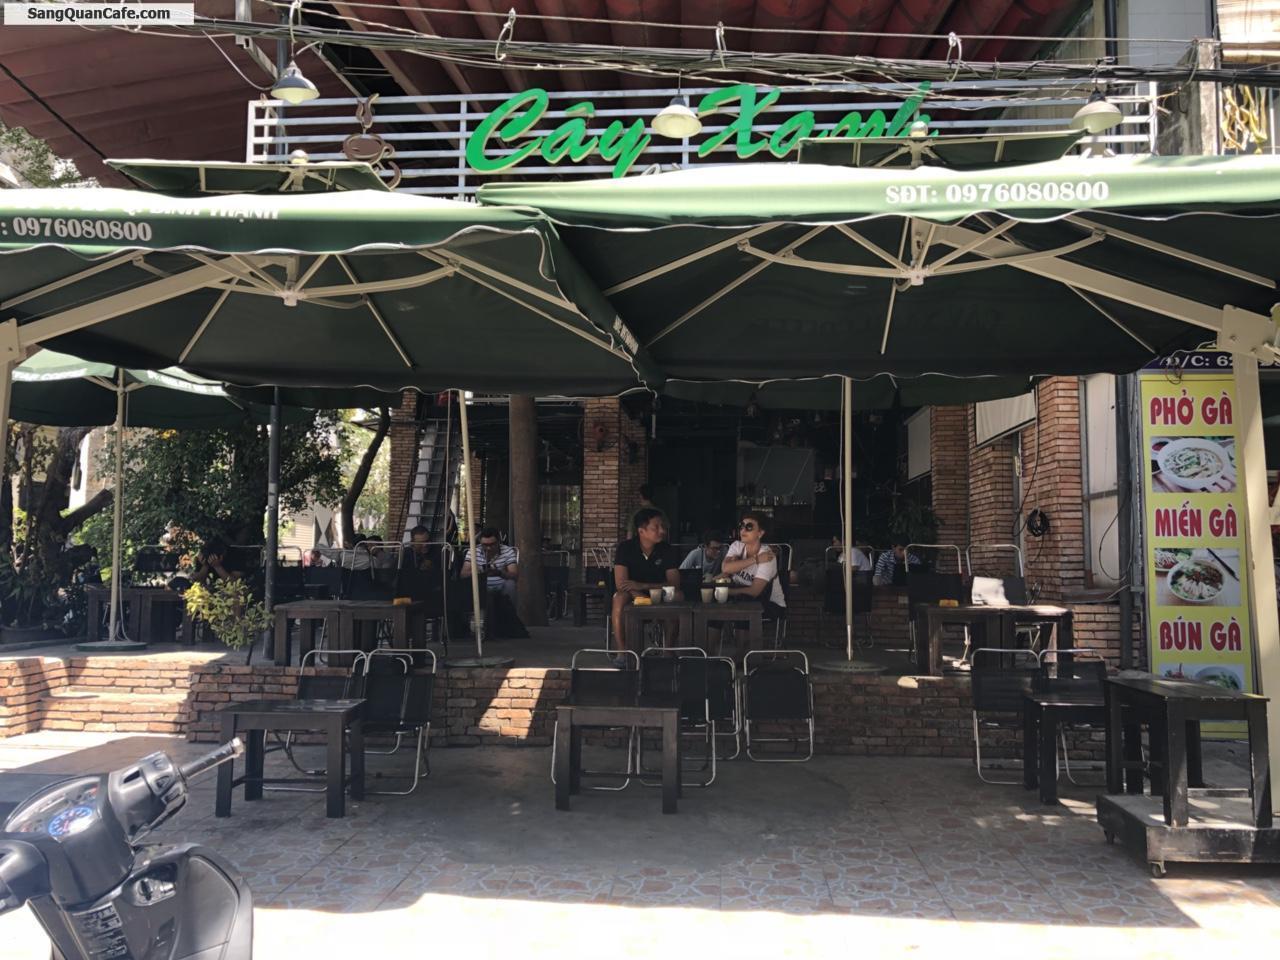 Cần sang cafe sân vườn - bida , vị trí đẹp, 2 MT đường, diện tích 168